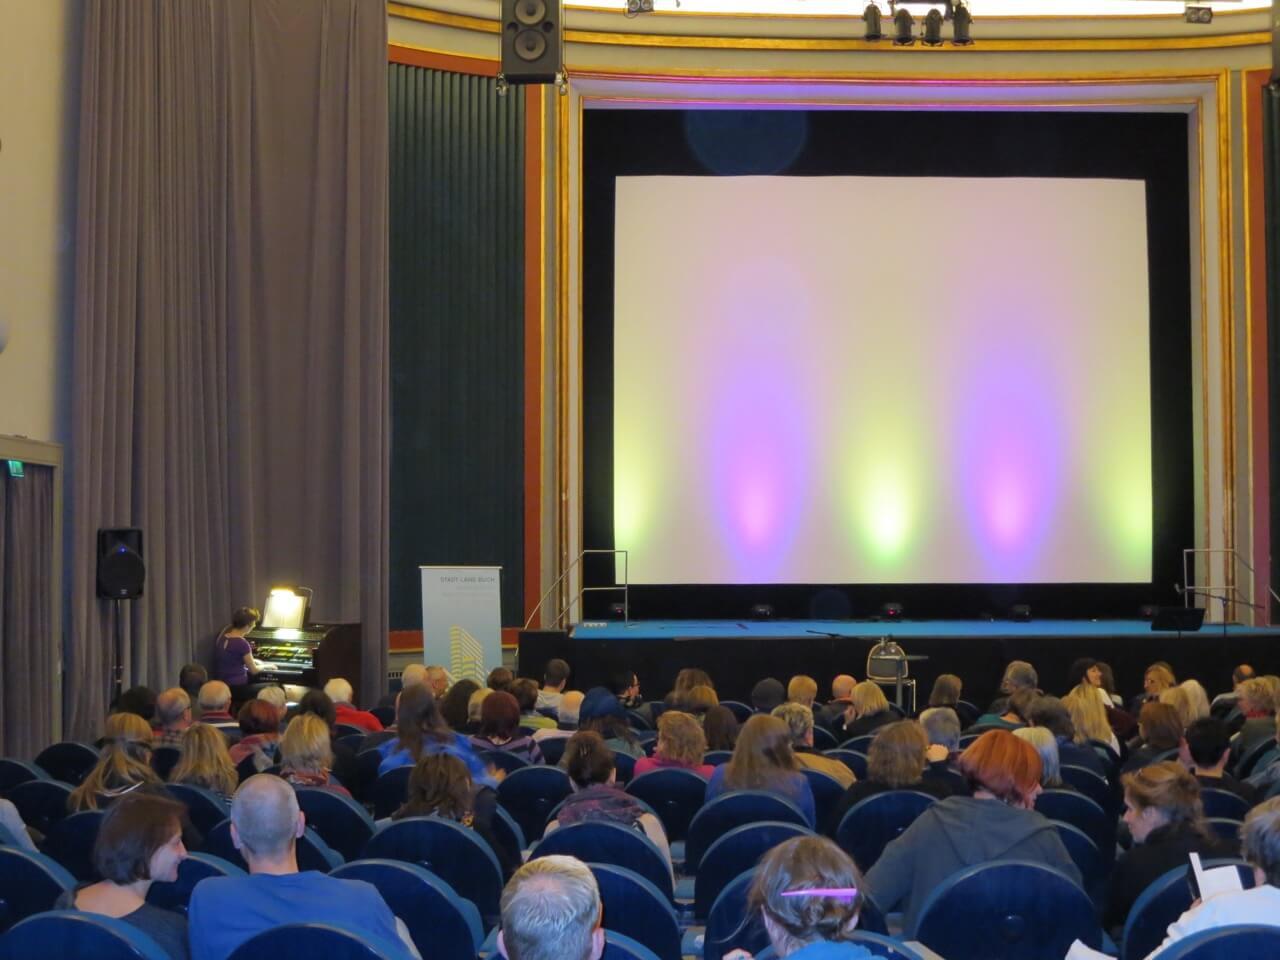 Katzenliterarischer Abend im Kino Babylon in Berlin